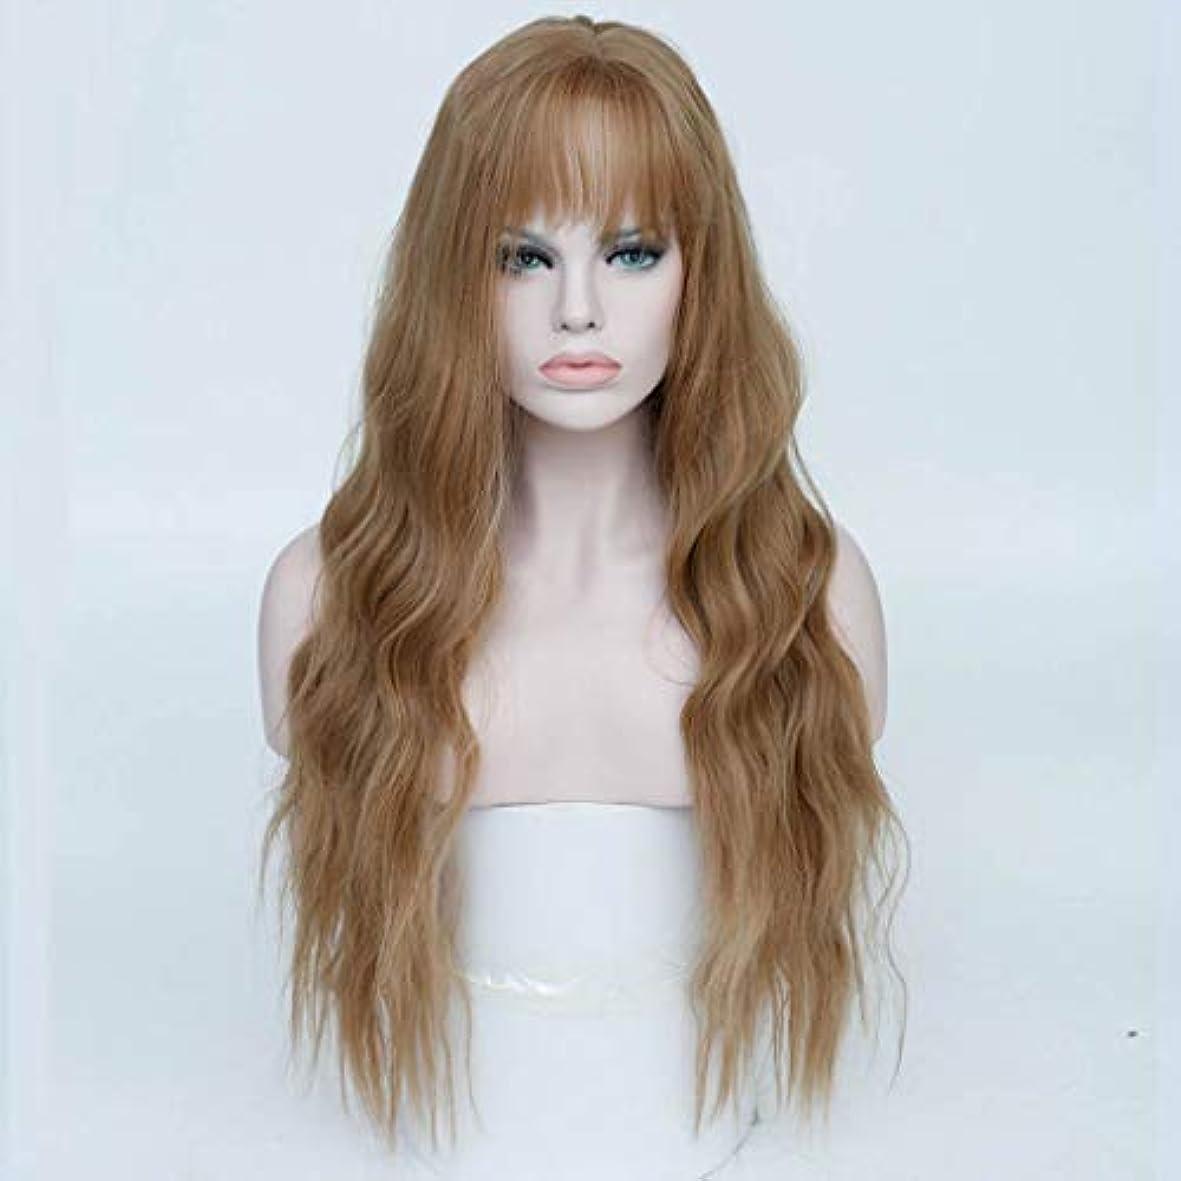 懲戒阻害する法王リザイ 女性の耐熱性かつら、前髪の自然な波の長い巻き毛の耐熱性合成かつらを持つ女性ストロベリーブロンドオンブルライトブロンドのかつら26インチ